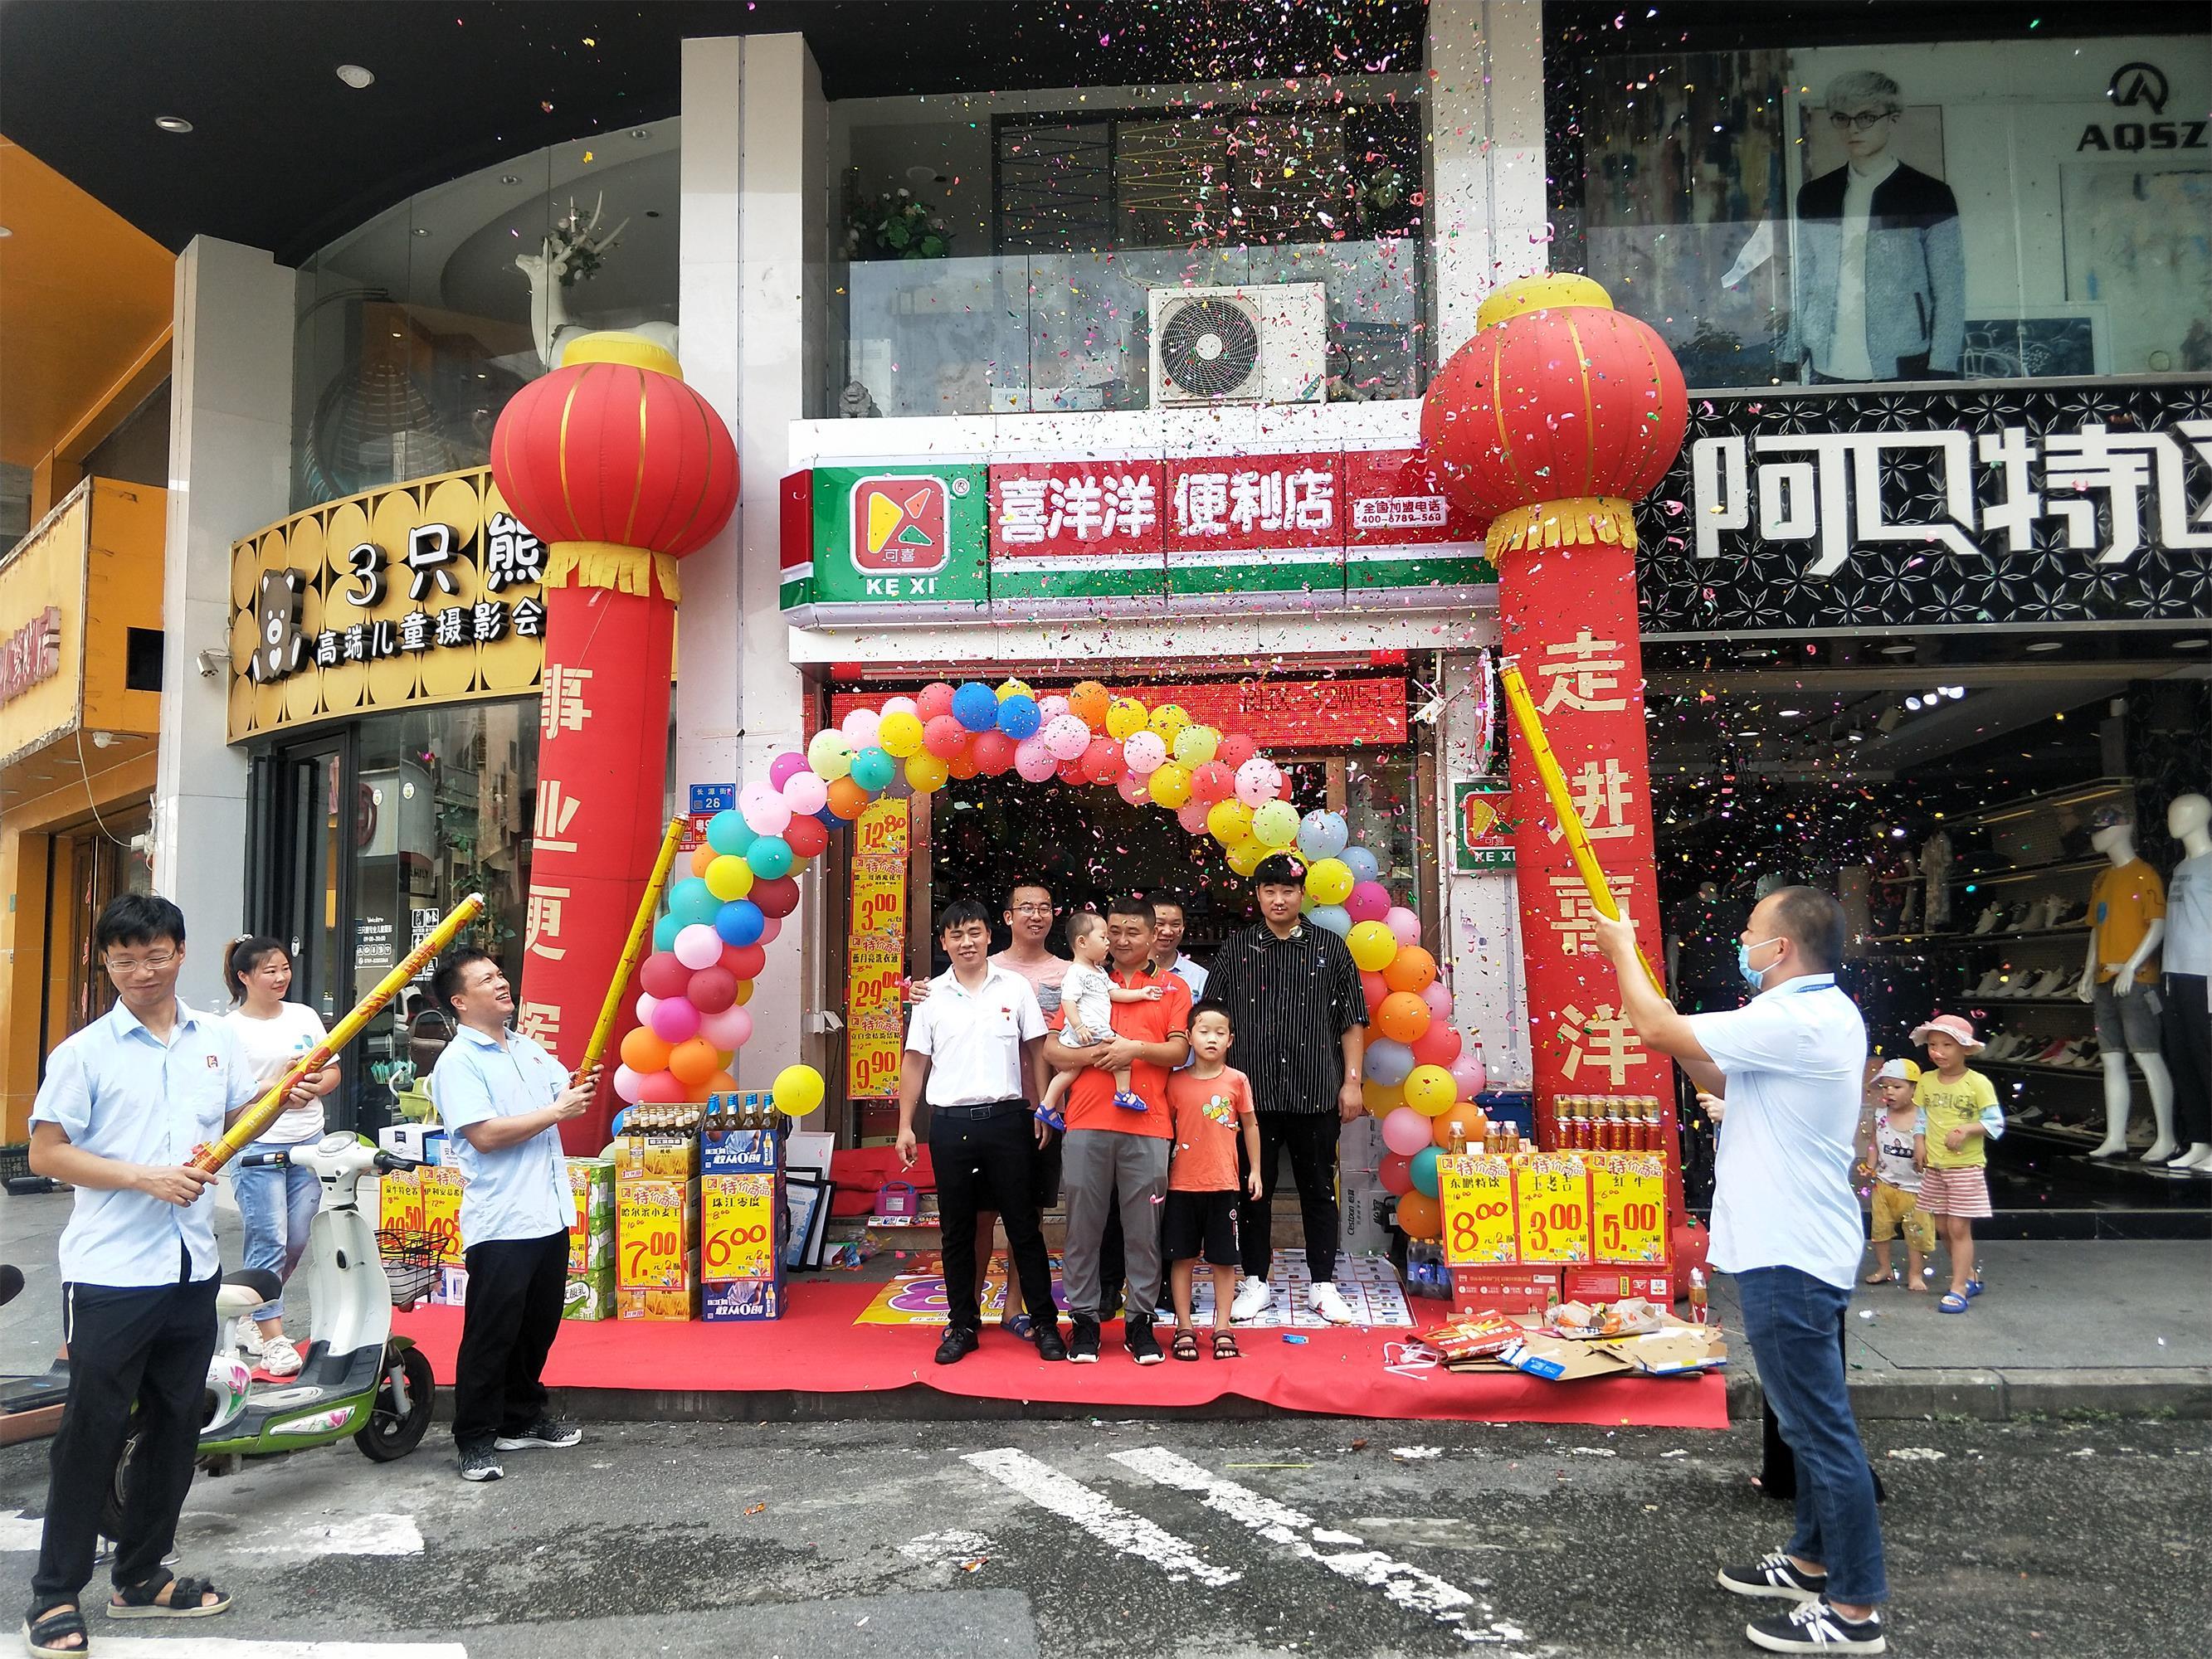 喜洋洋便利店全体同仁祝贺长安壹家优选分店9月13日开业大吉